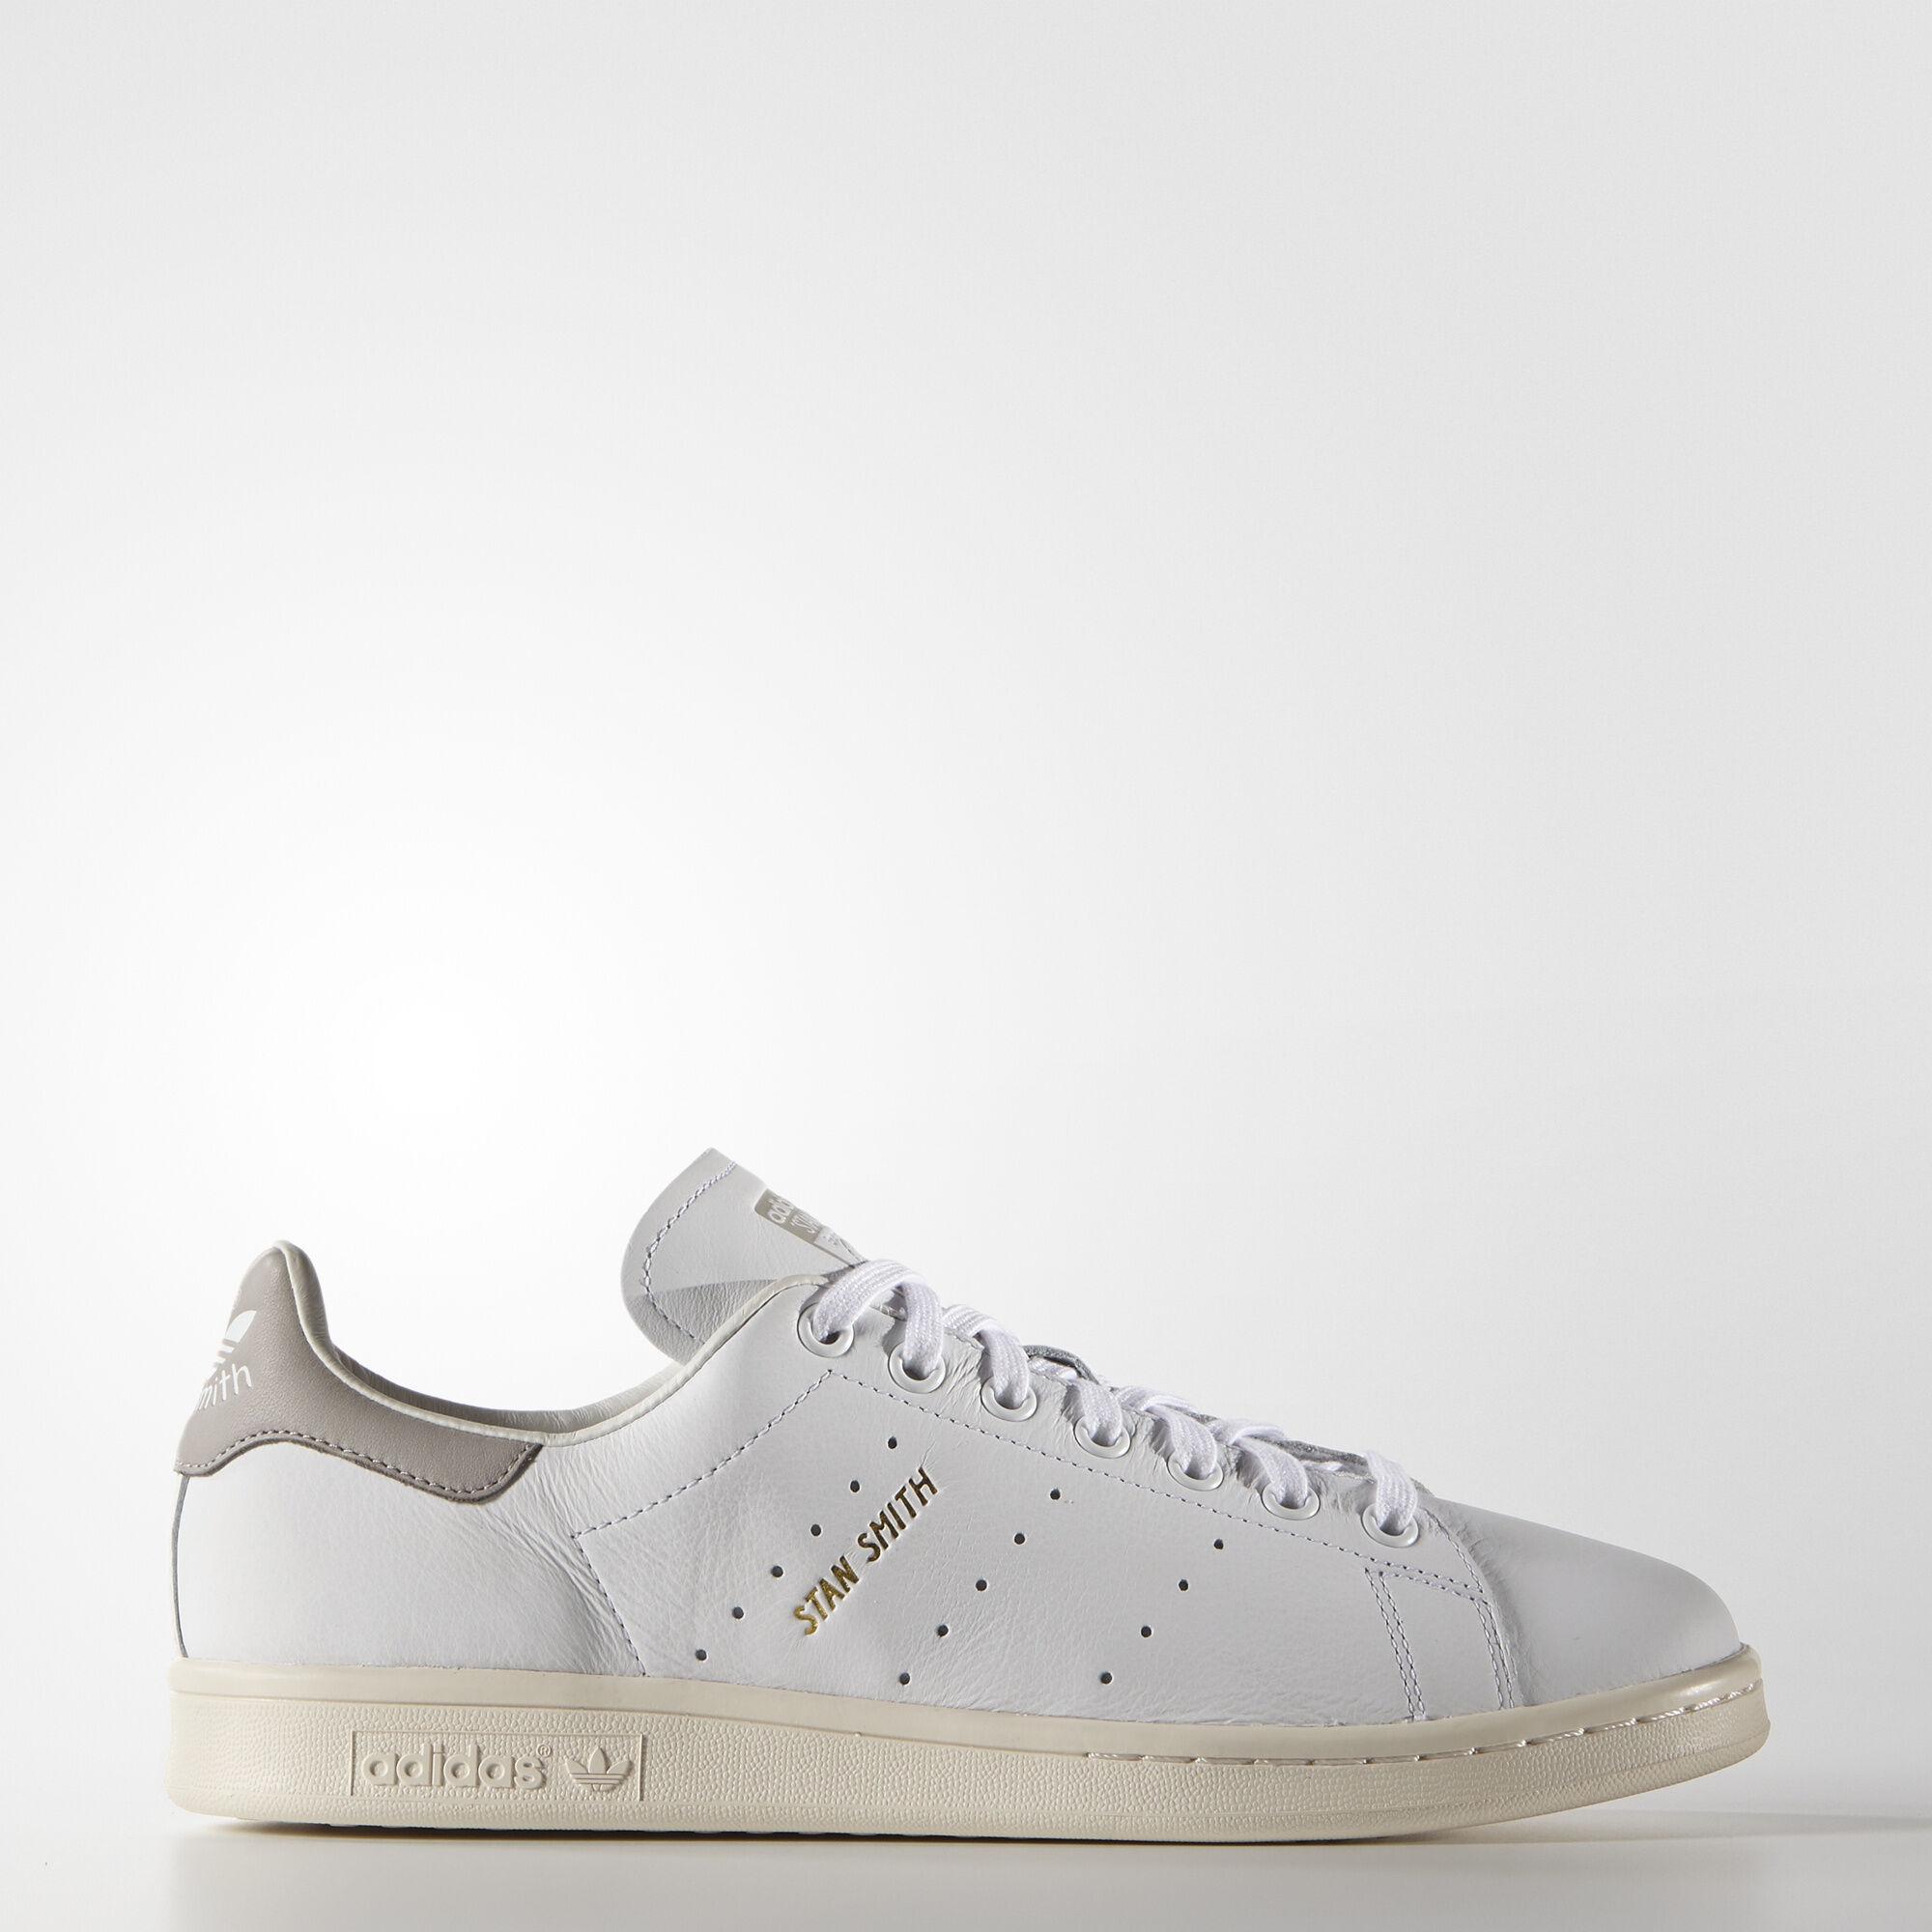 Adidas Sportschuhe Damen Weiß